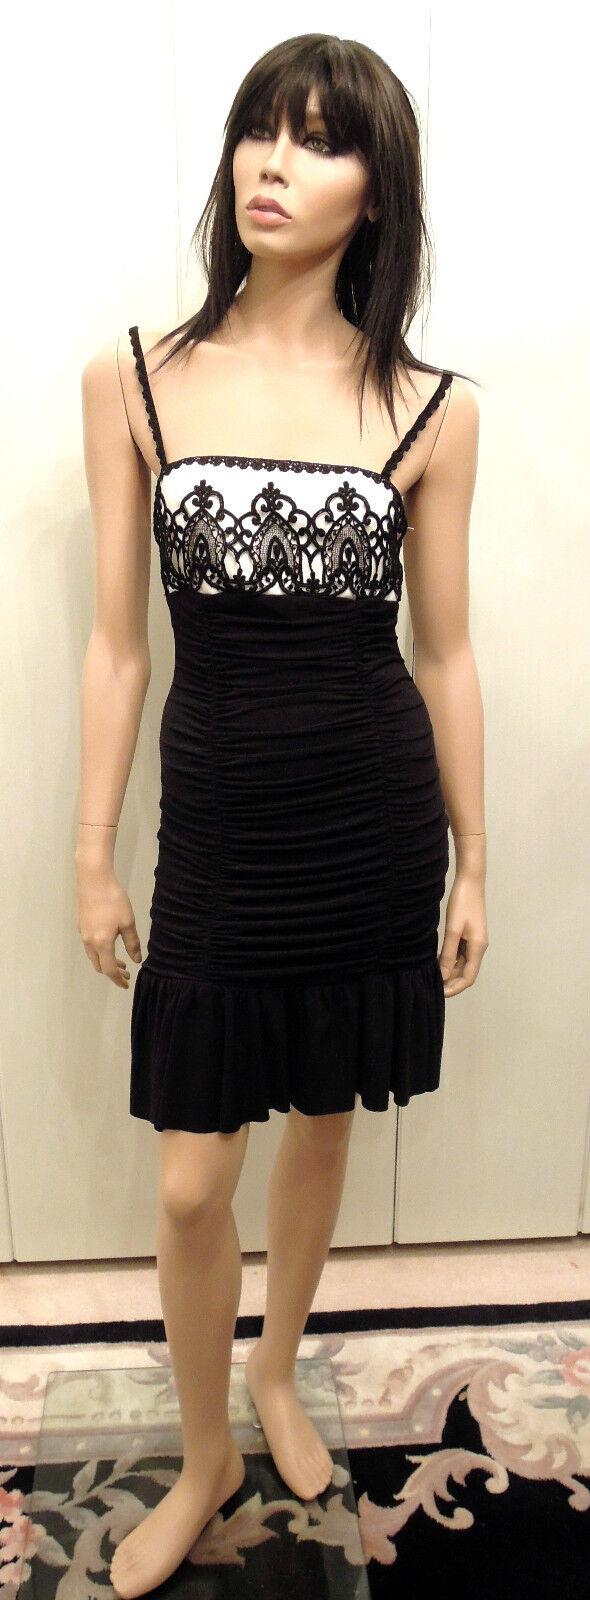 Abendkleid Gr. 34 schwarz weiß Spitze Raffungen betonen formen Figur auffallend